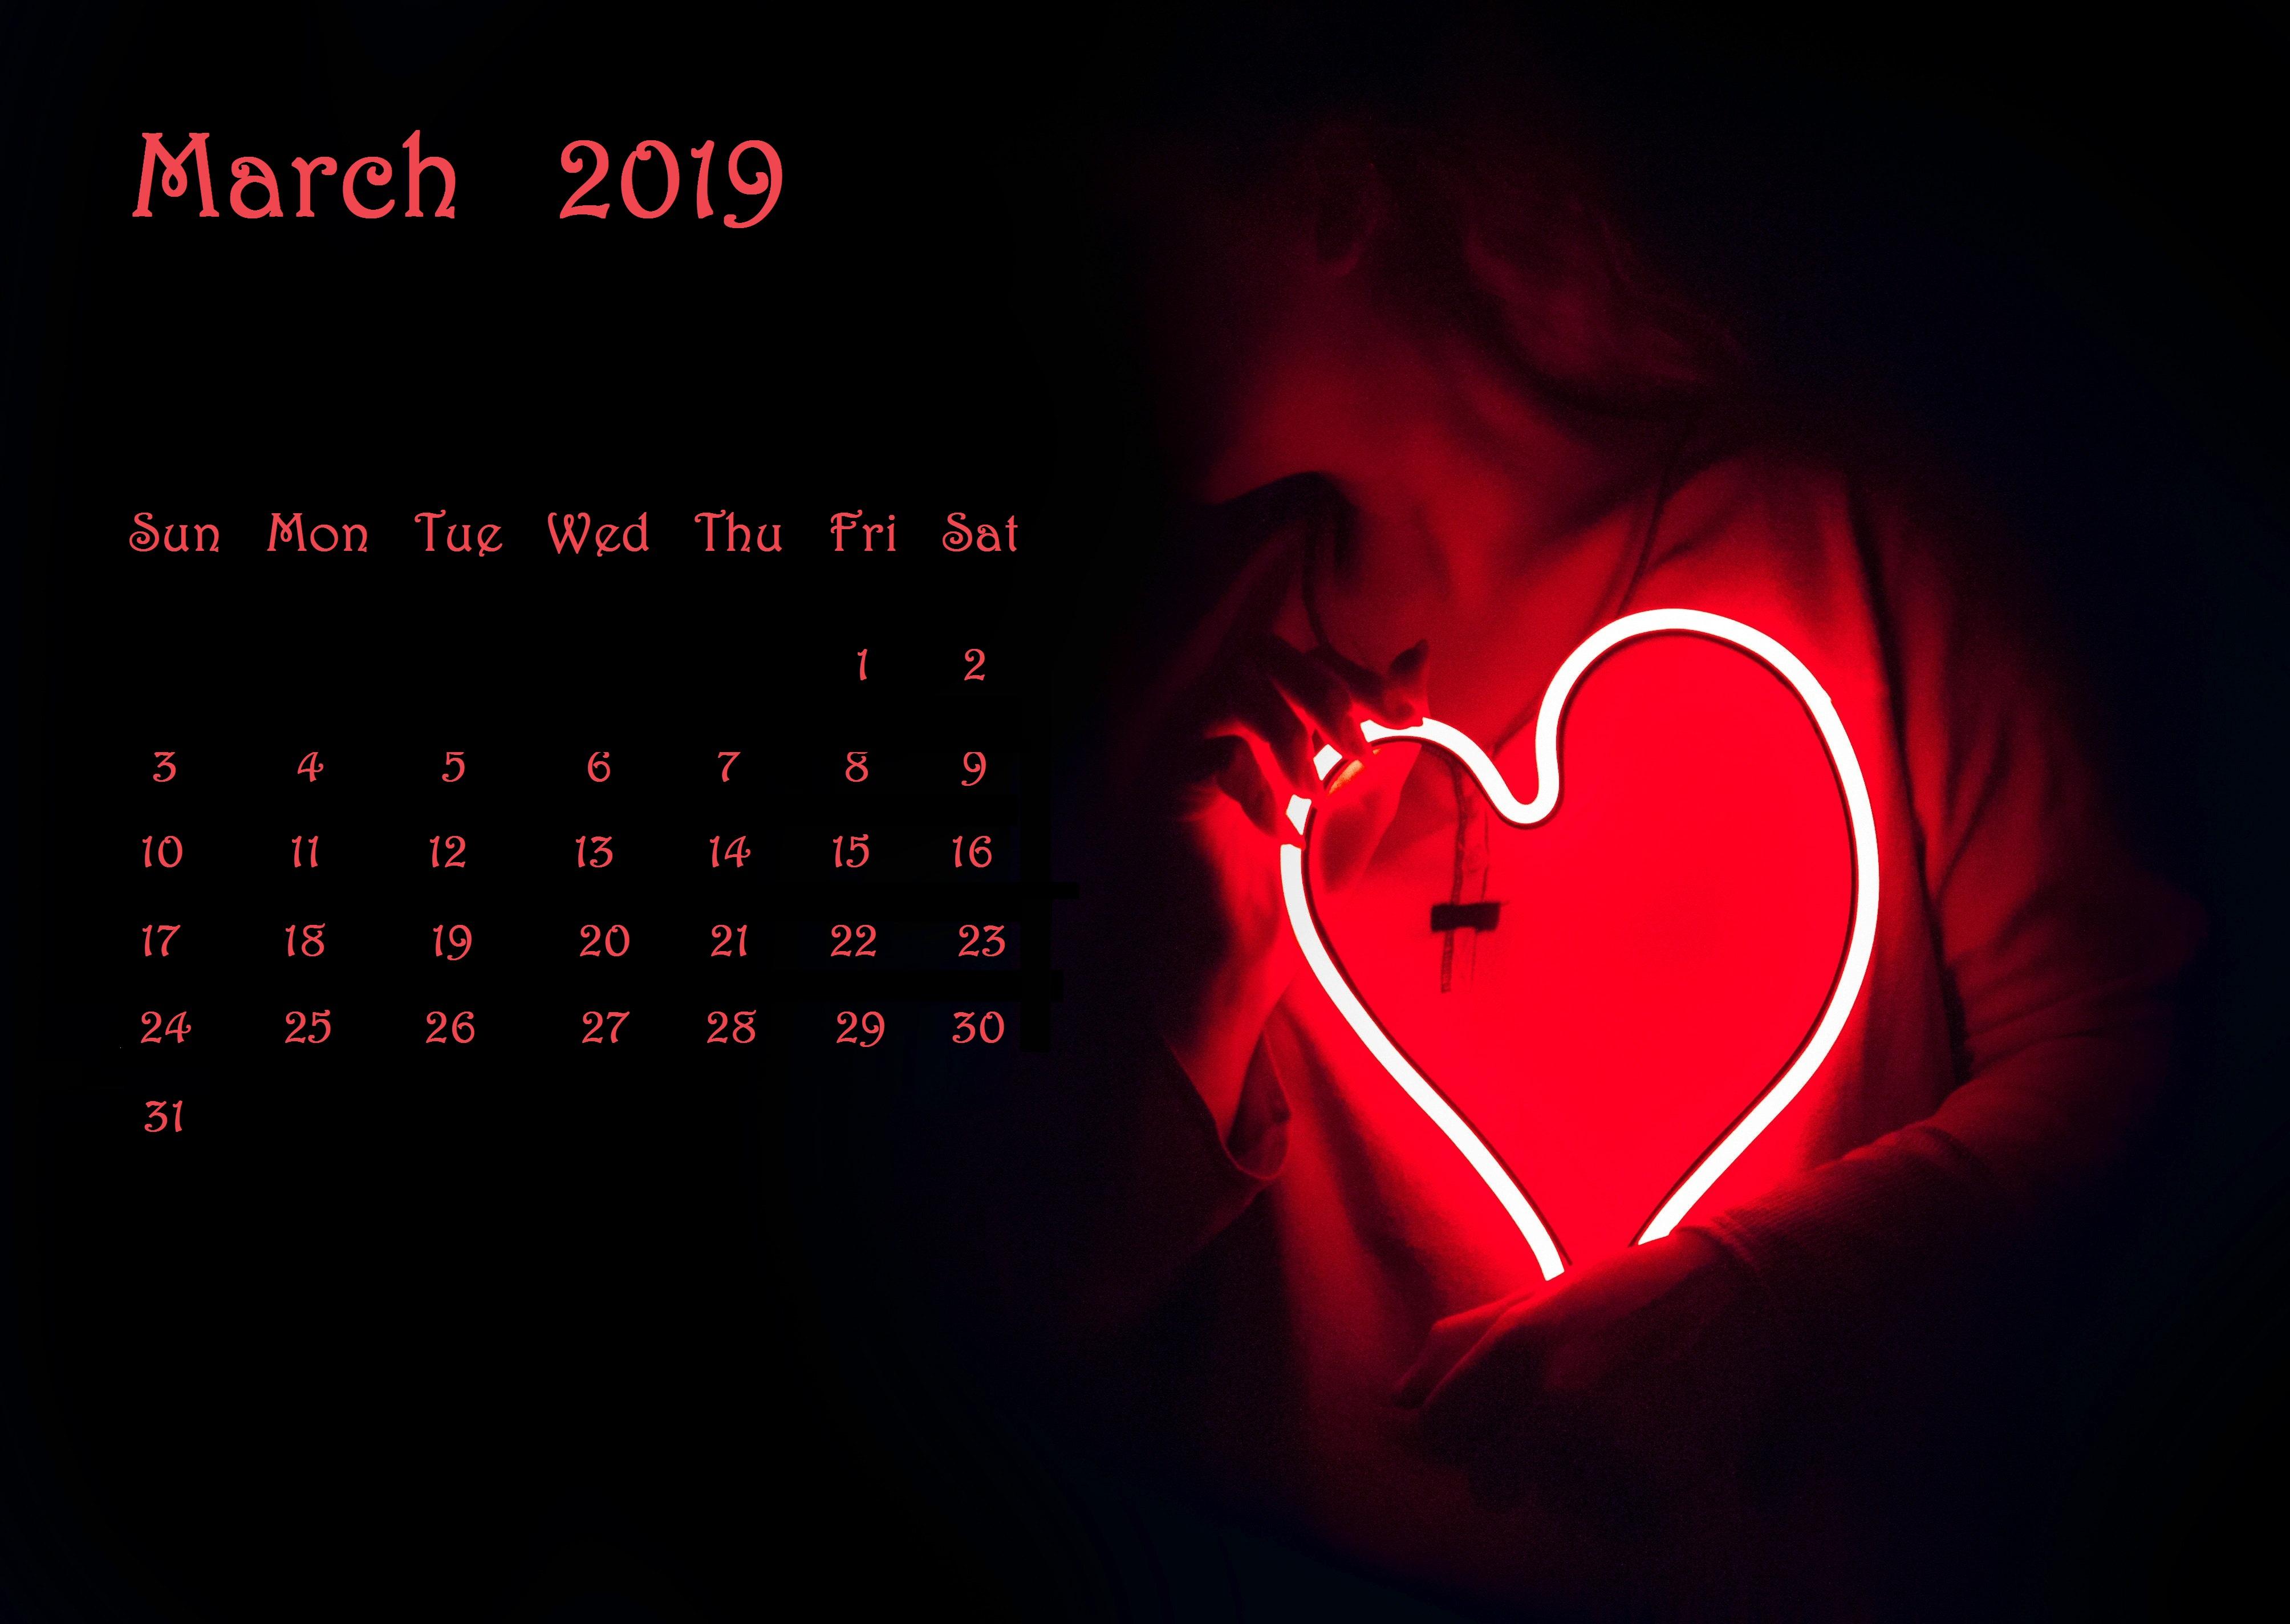 March 2019 Love Desktop Calendar Wallpaper